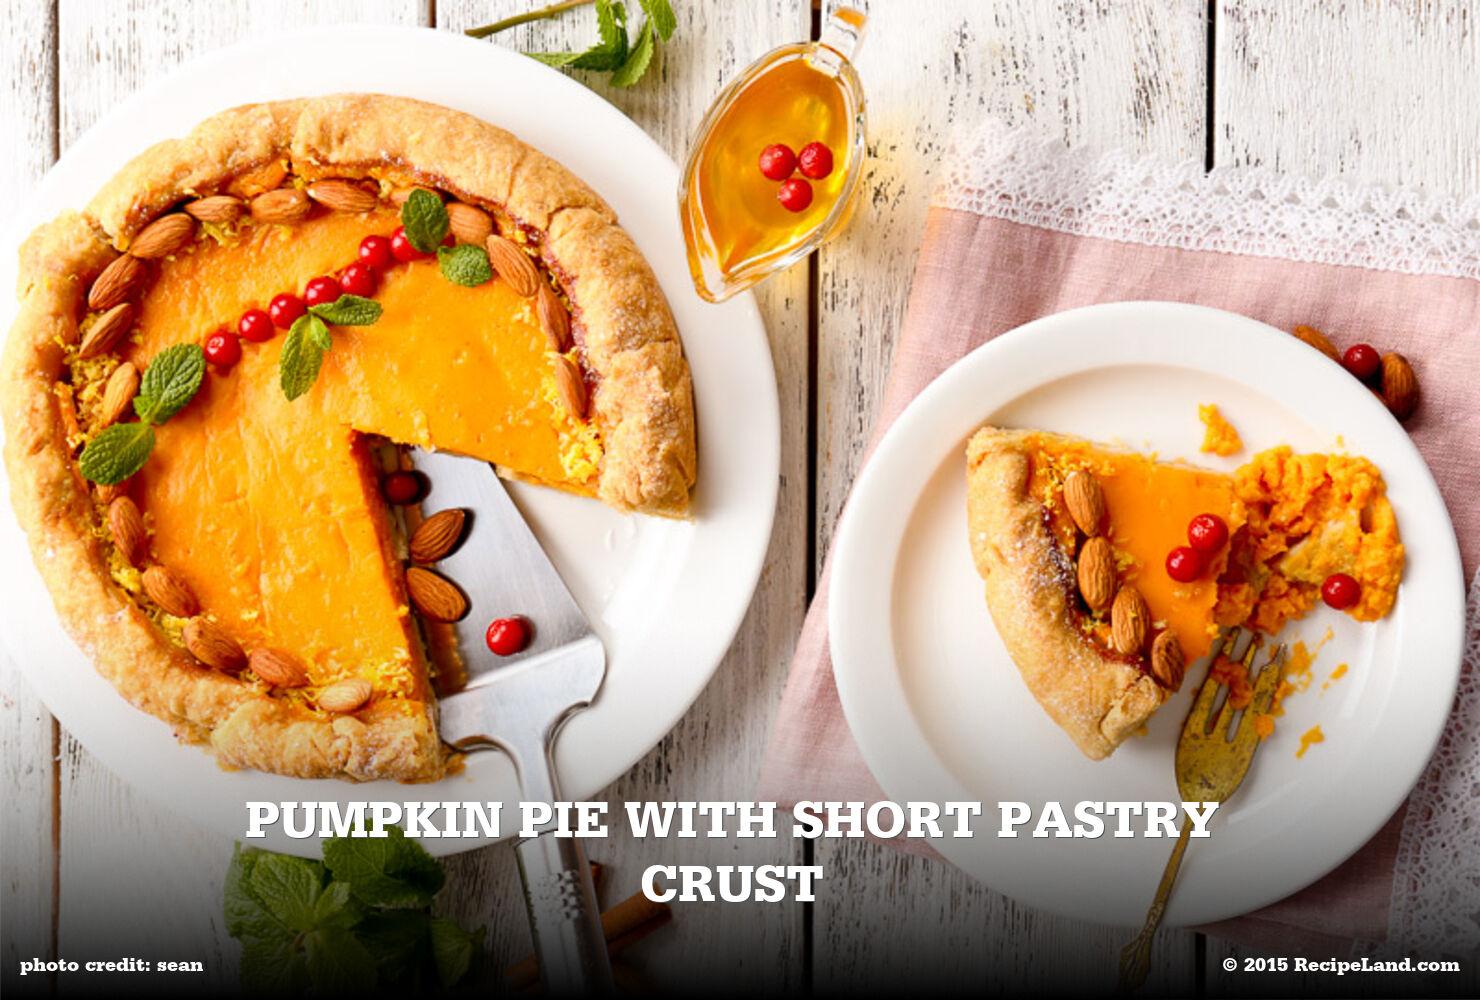 Pumpkin Pie with Short Pastry Crust